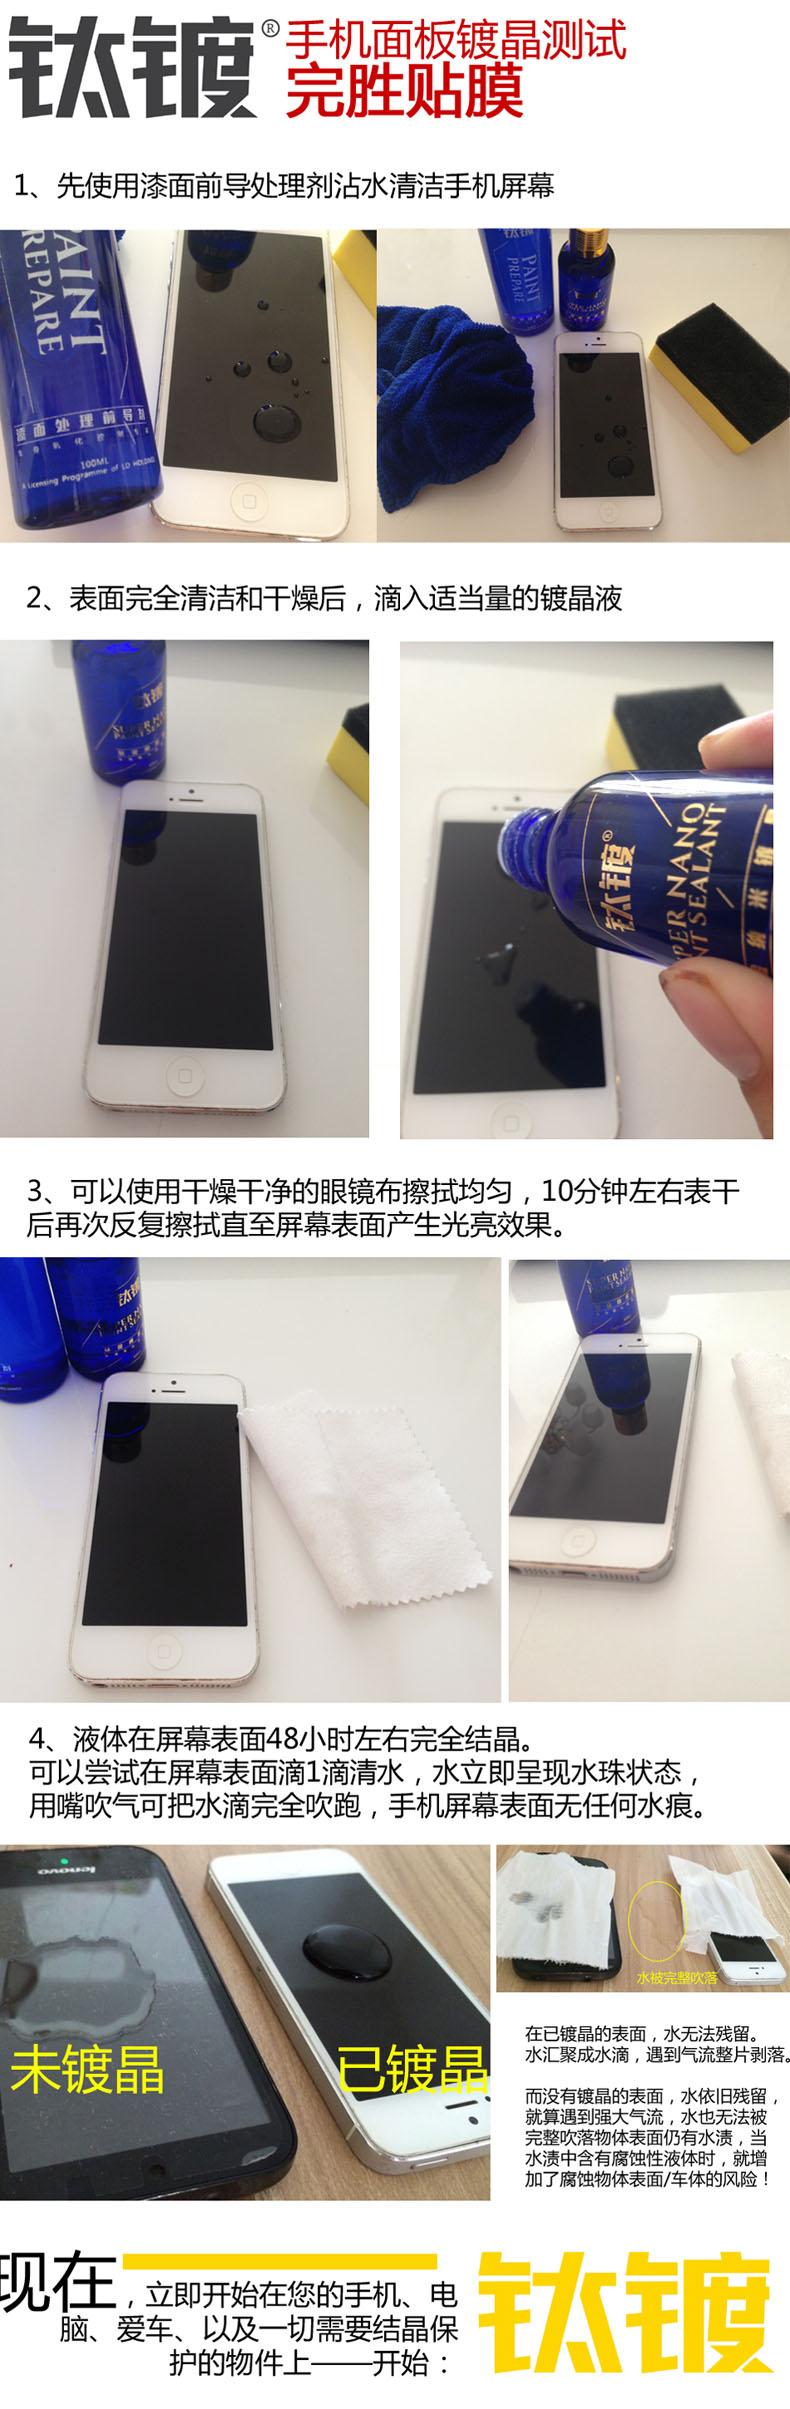 手机镀晶试验